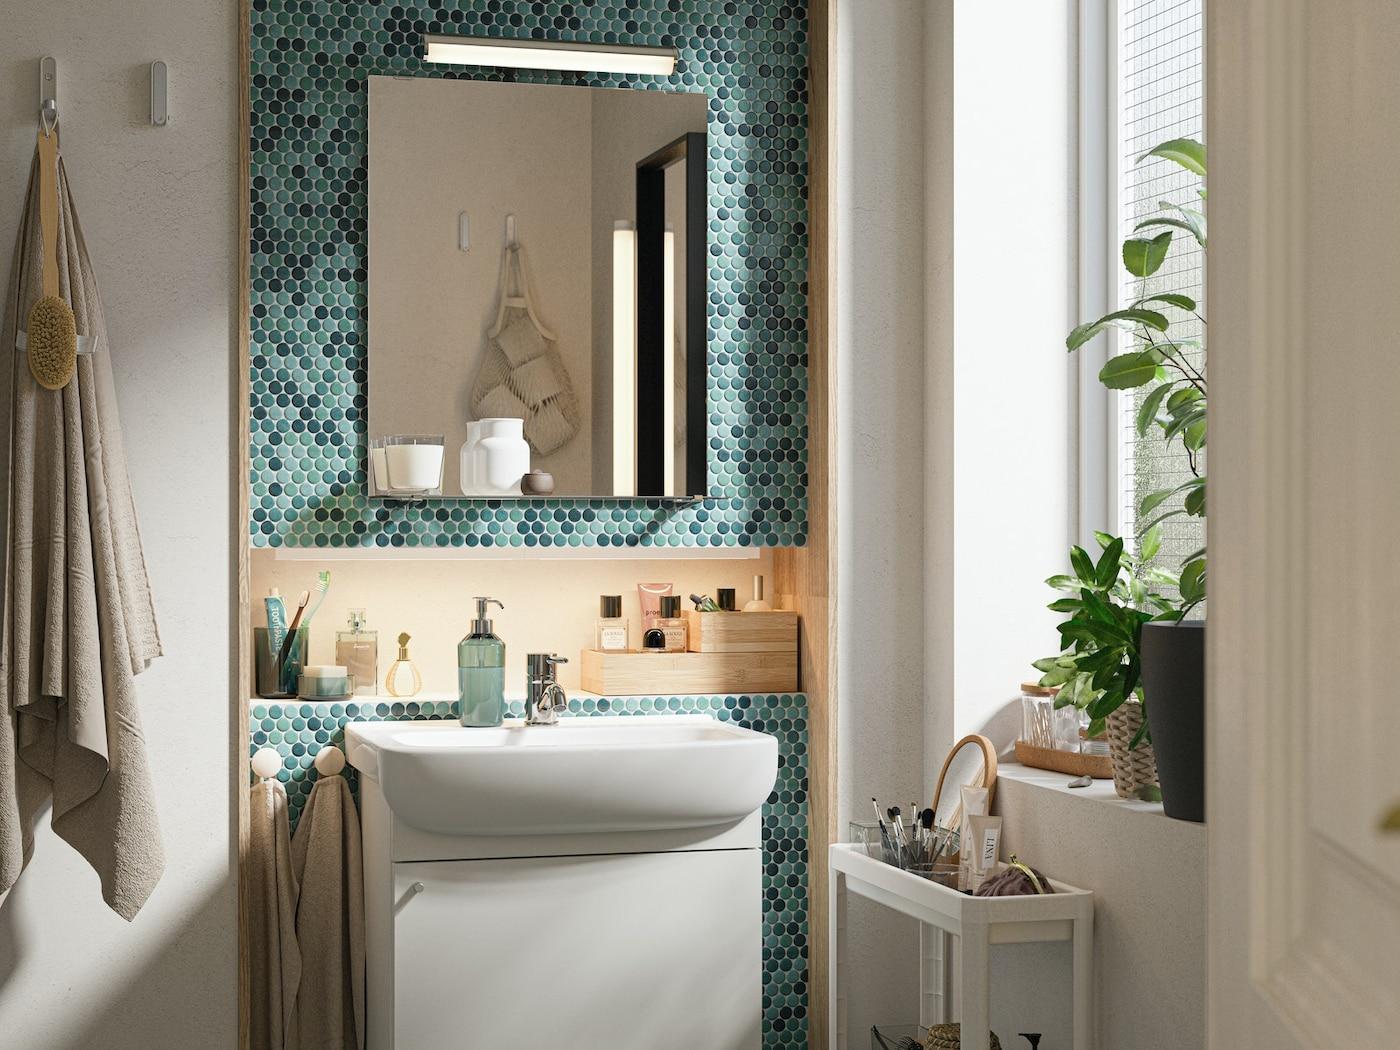 Bad med grønne fliser, hvitt servantskap, speil med hylle og toalettsaker på ei hvit hylle med hjul.